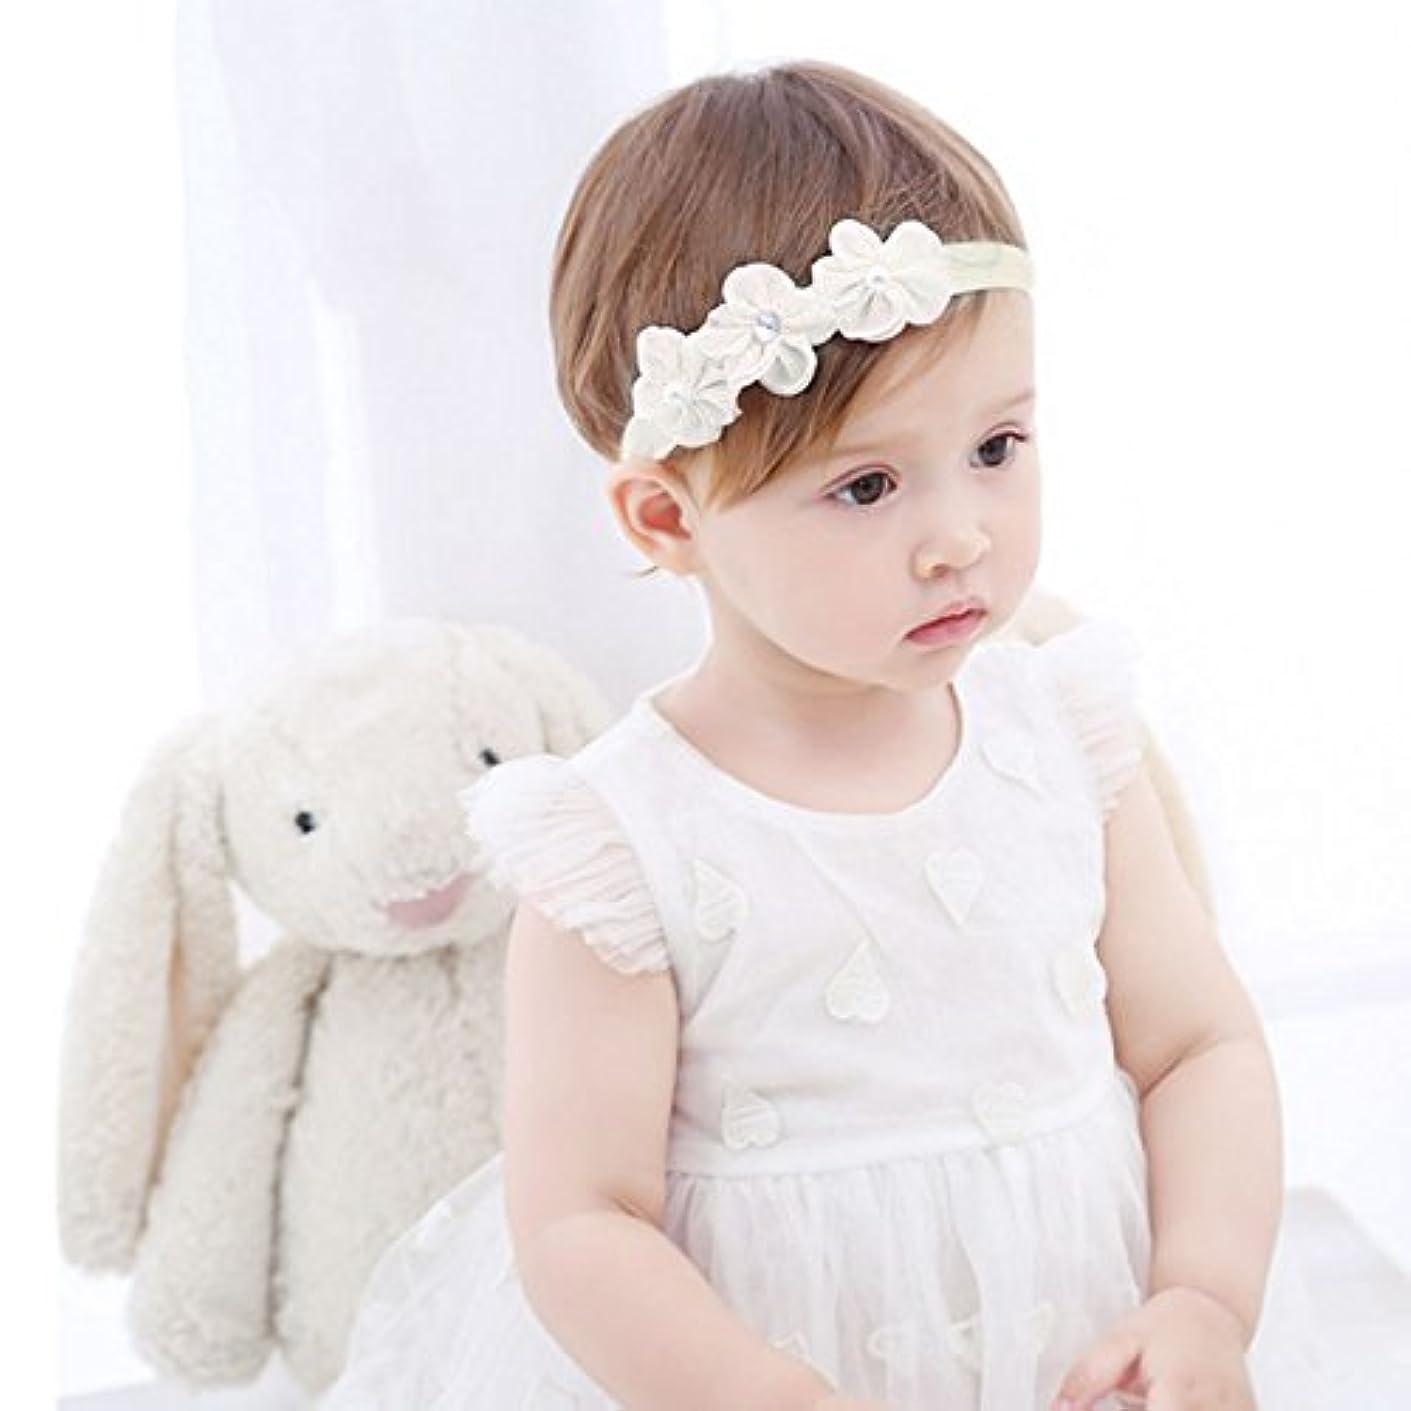 ライセンス困惑した品Refaxi 子供の赤ちゃんかわいい幼児のレースの花のヘアバンドヘッドウェアヘッドバンドアクセサリー